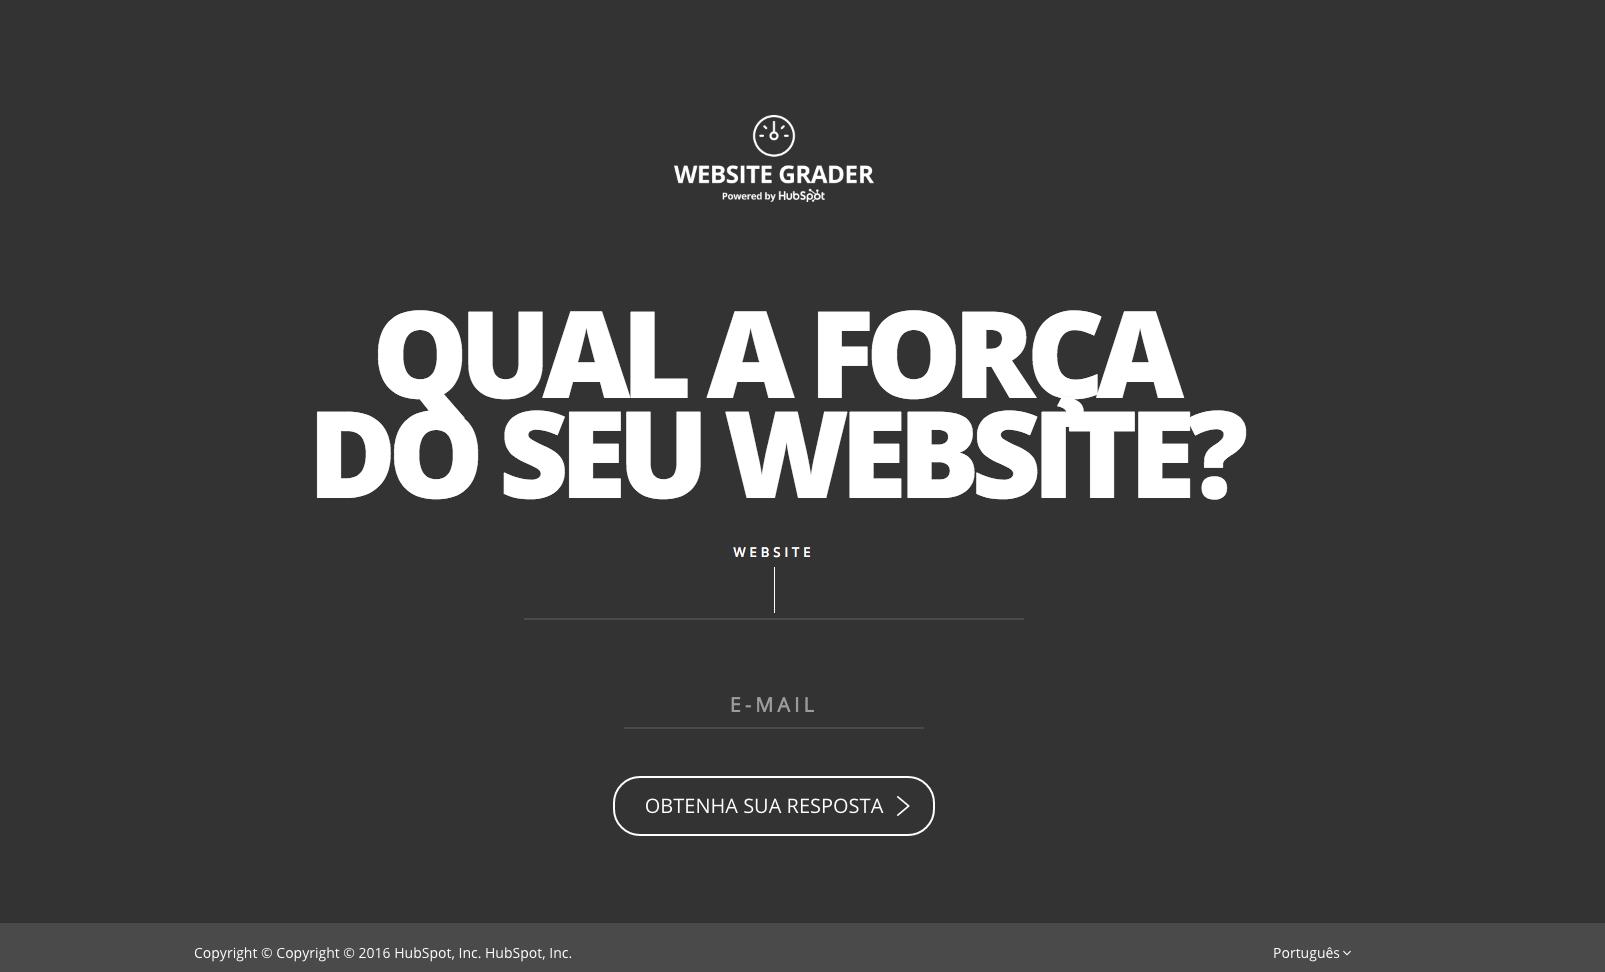 WebsitegraderPT.png